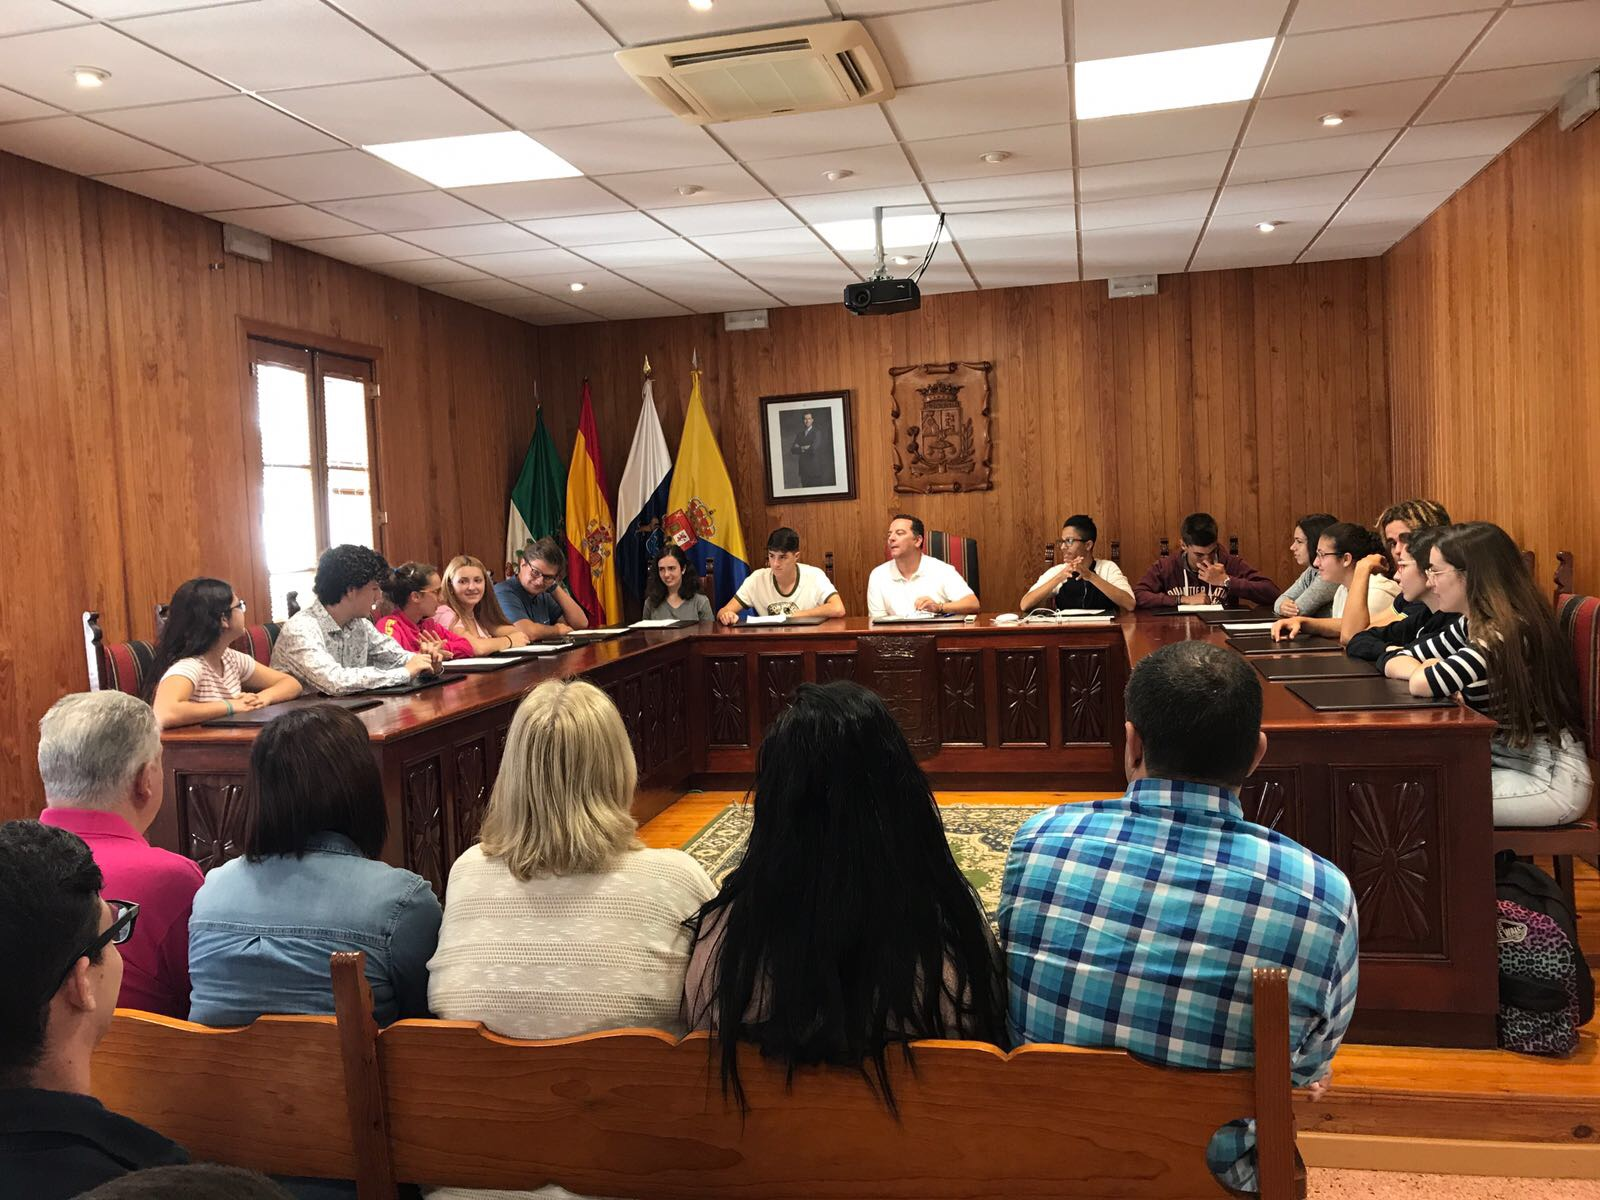 Pleno juvenil en el ayuntamiento de Moya